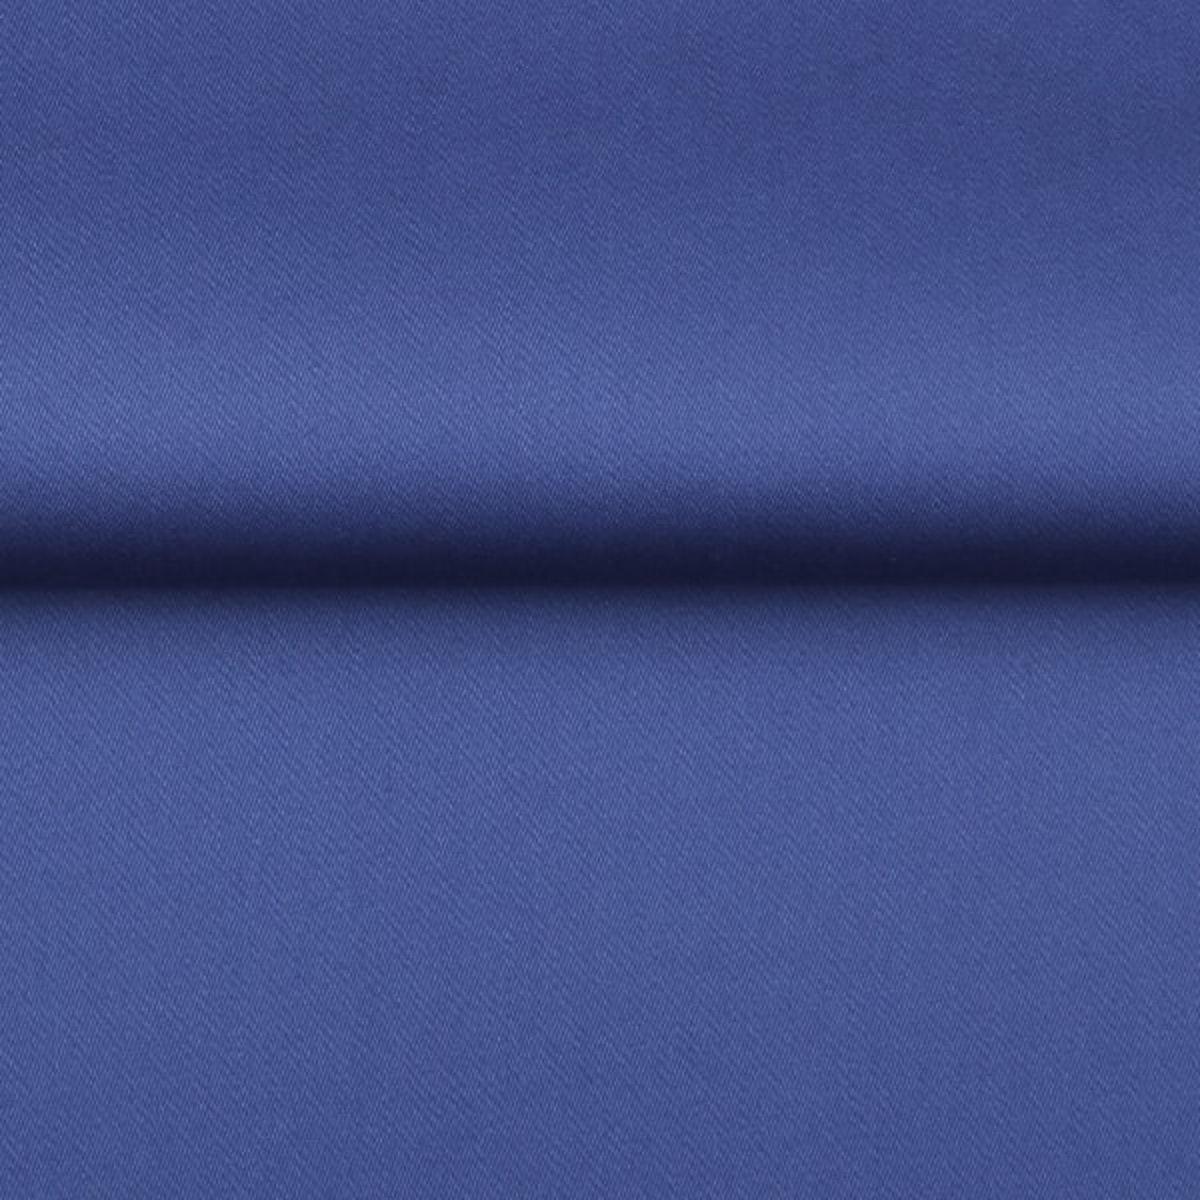 InStitchu Shirt Fabric 368